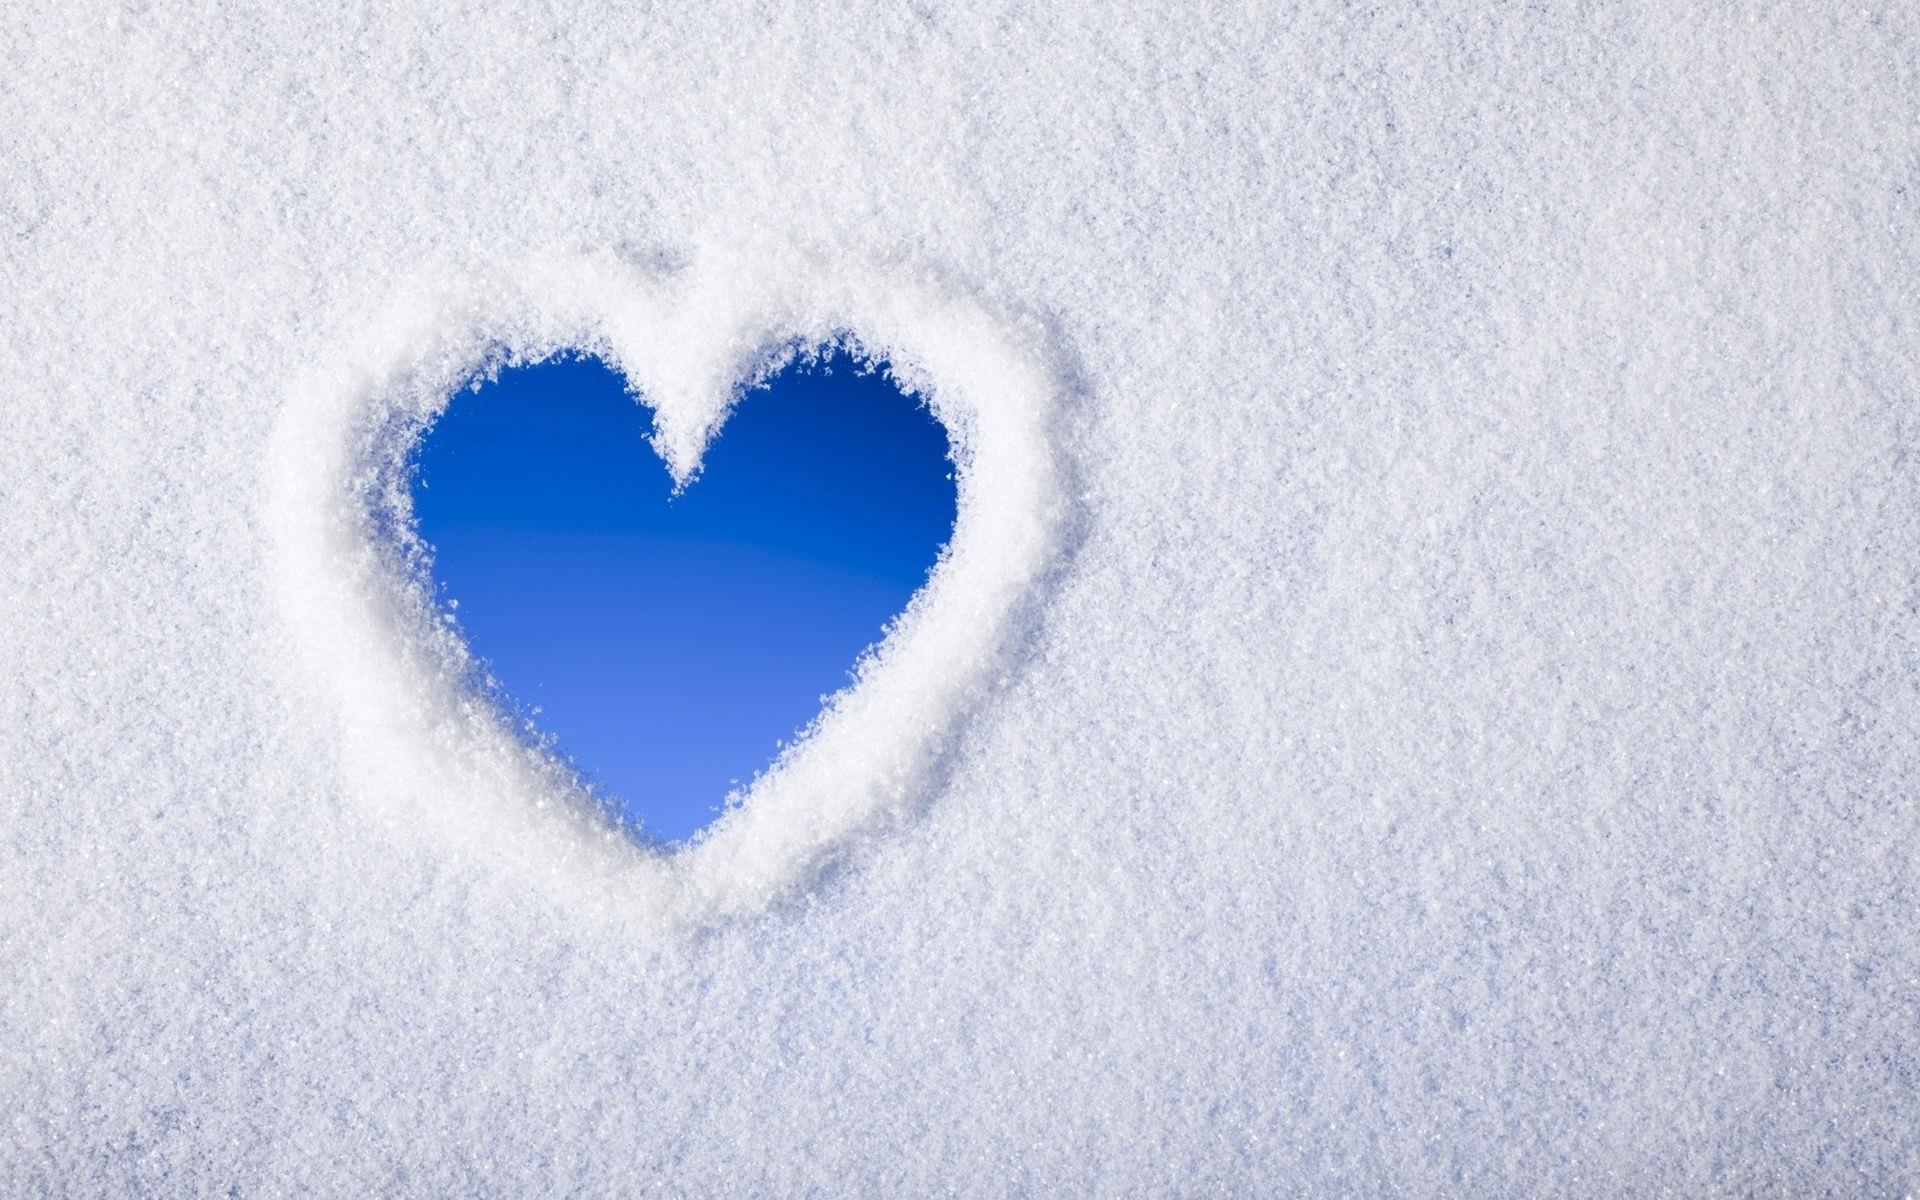 Blue Snow Heart  Wallpaper